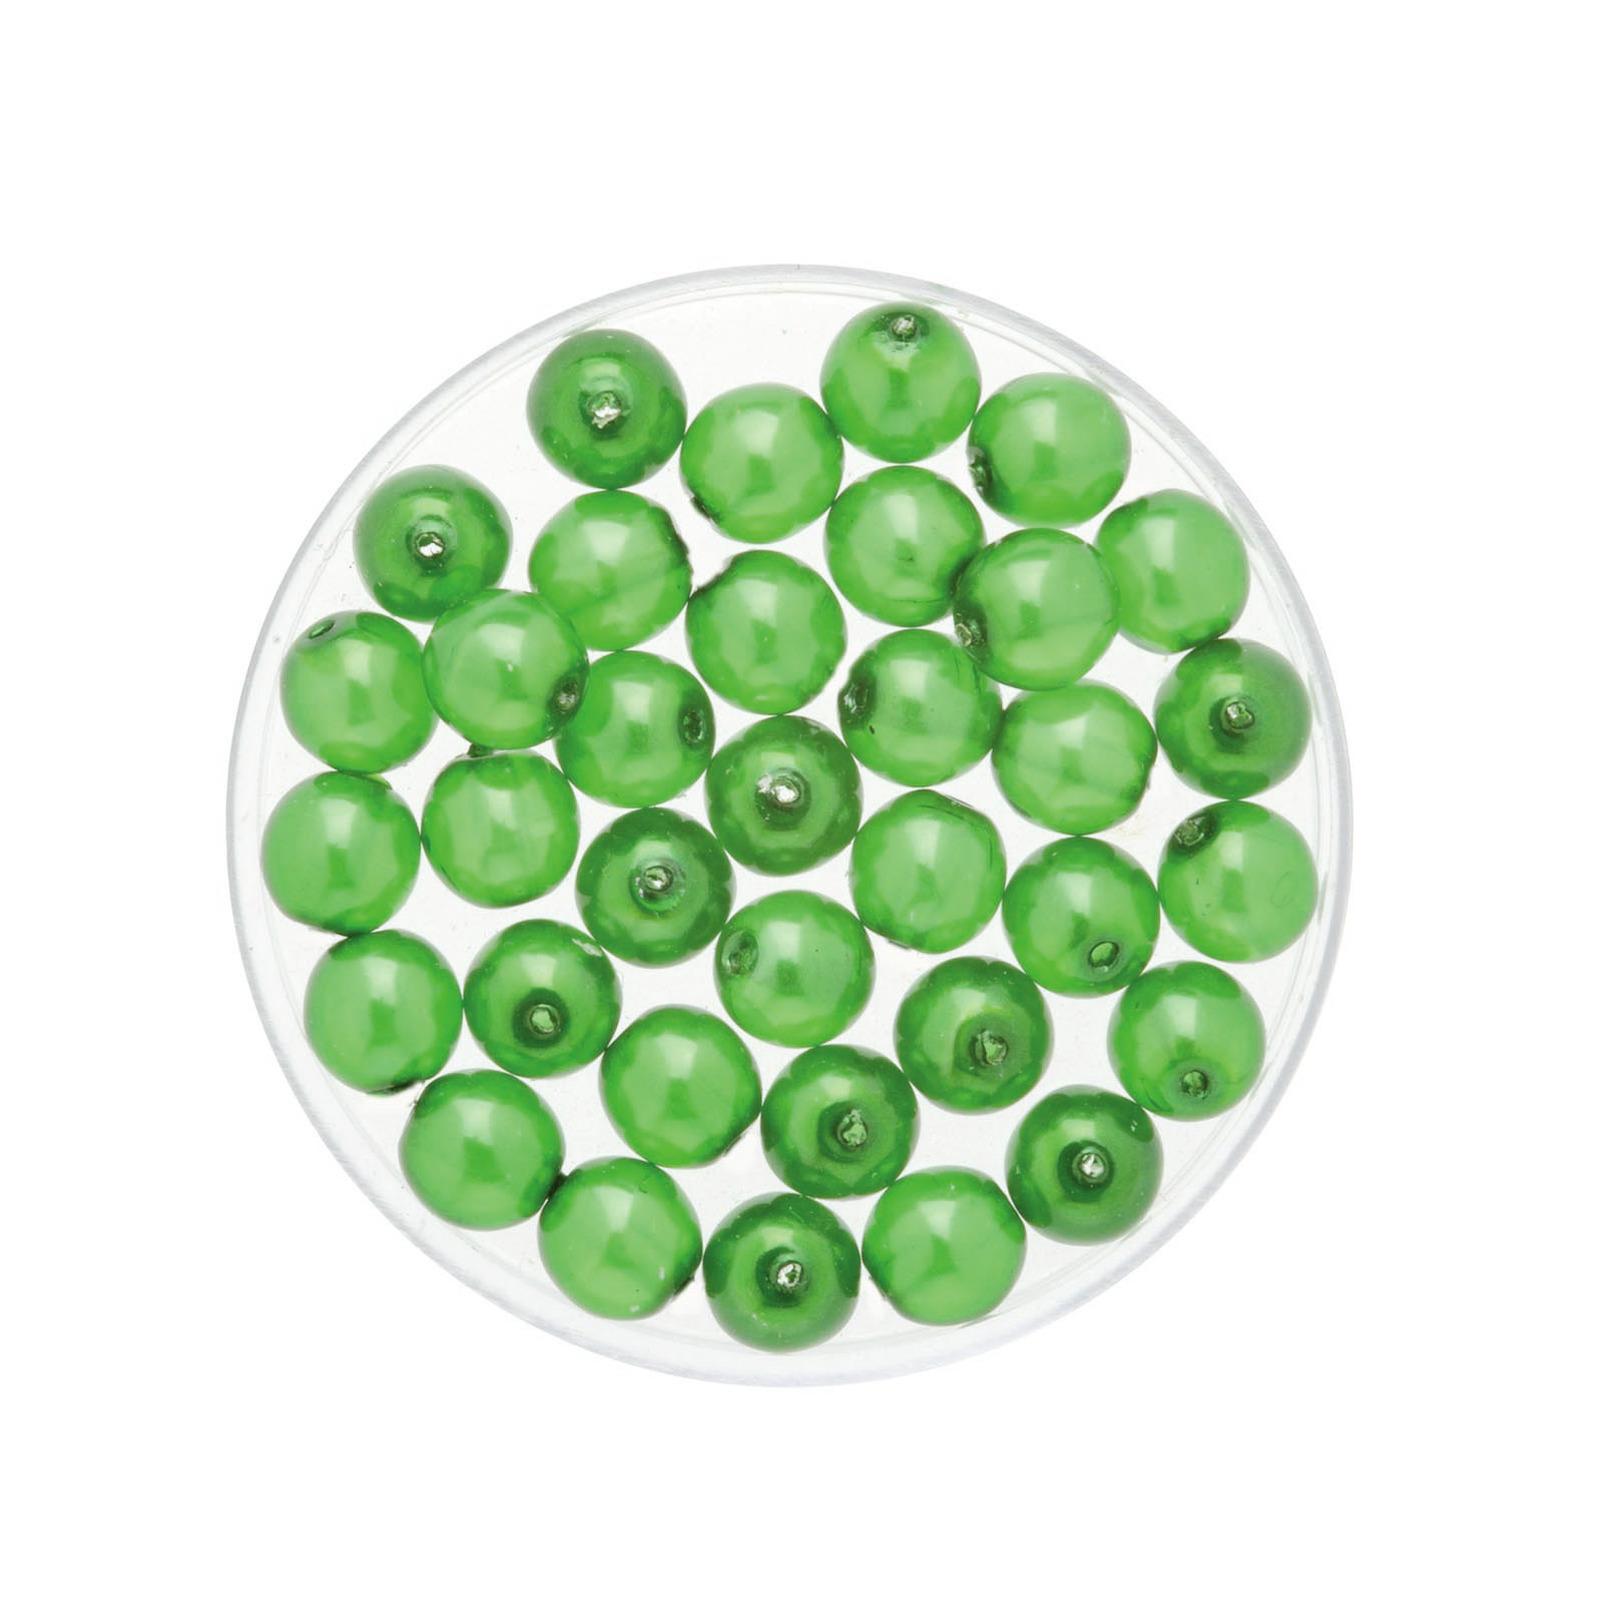 50x stuks sieraden maken Boheemse glaskralen in het transparant groen van 6 mm